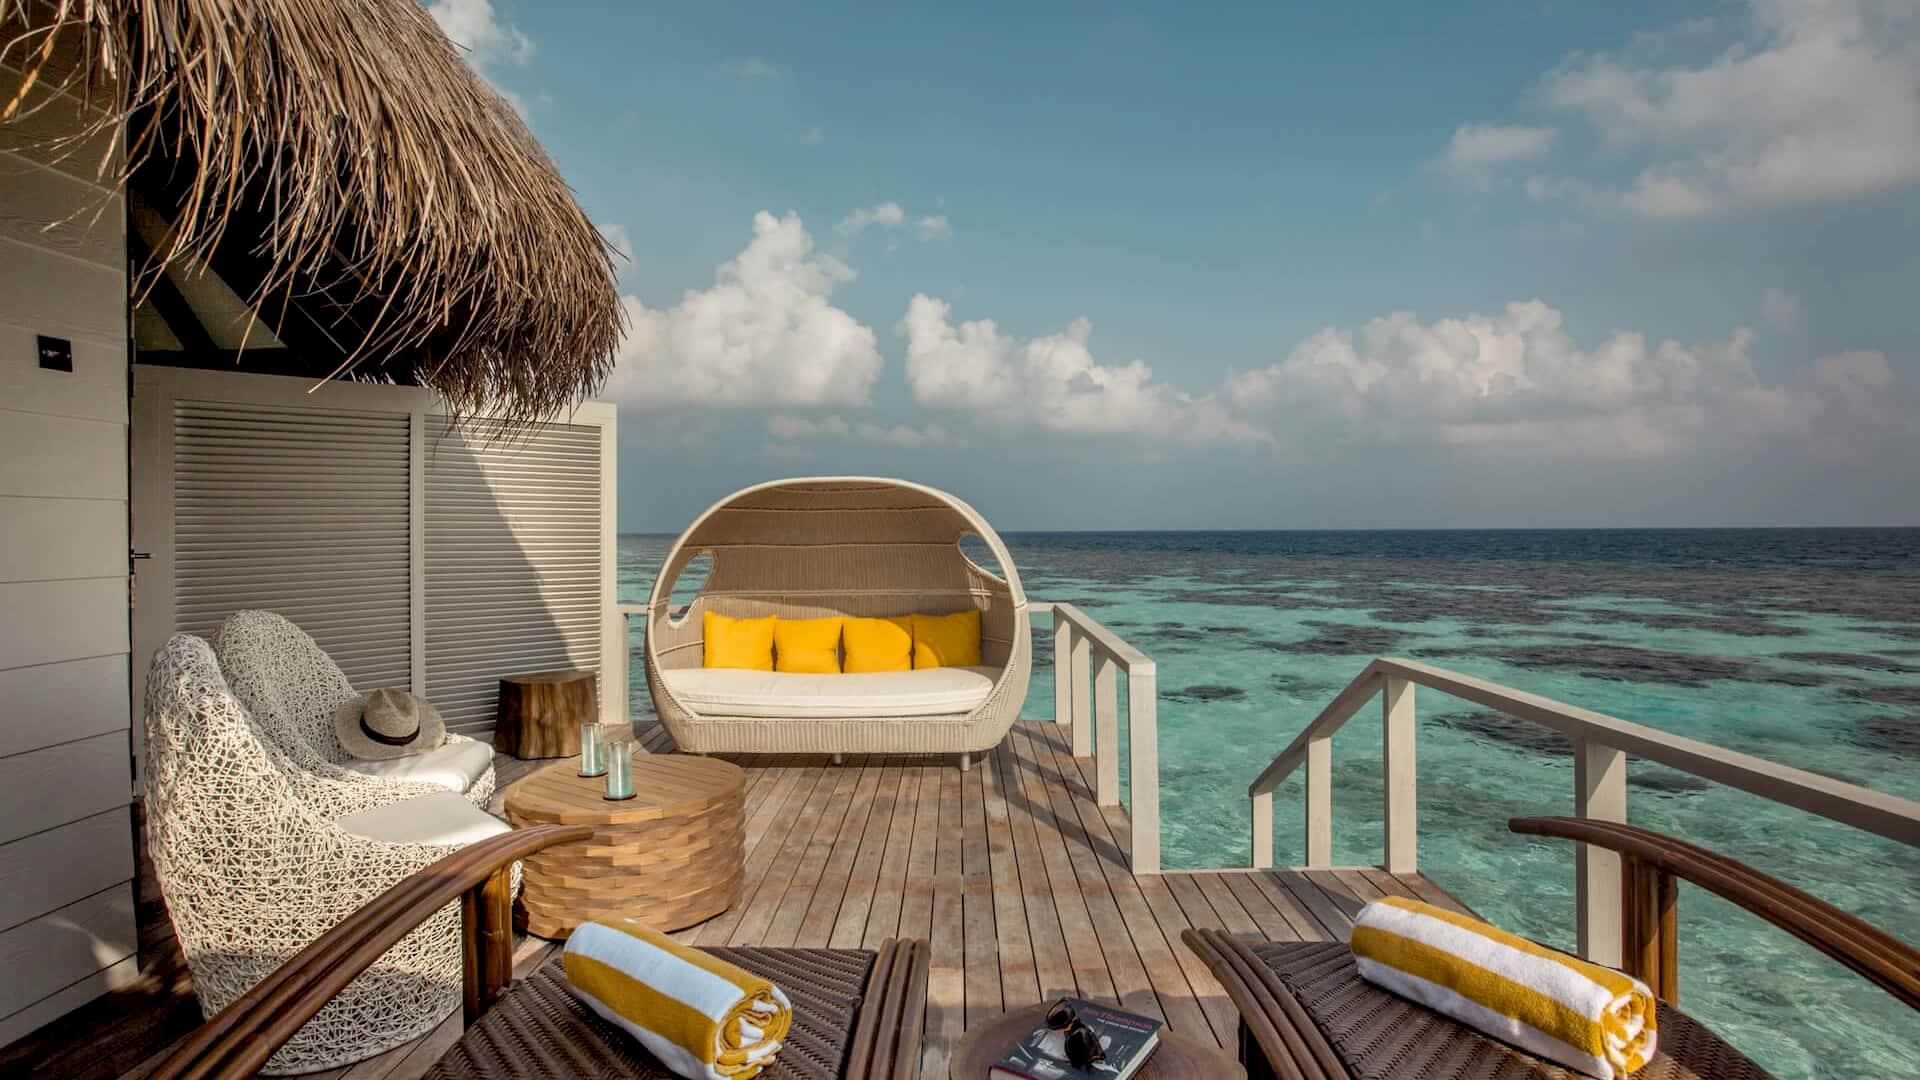 Drift Thelu Veliga Resort Atollo Ari Sud Overwater